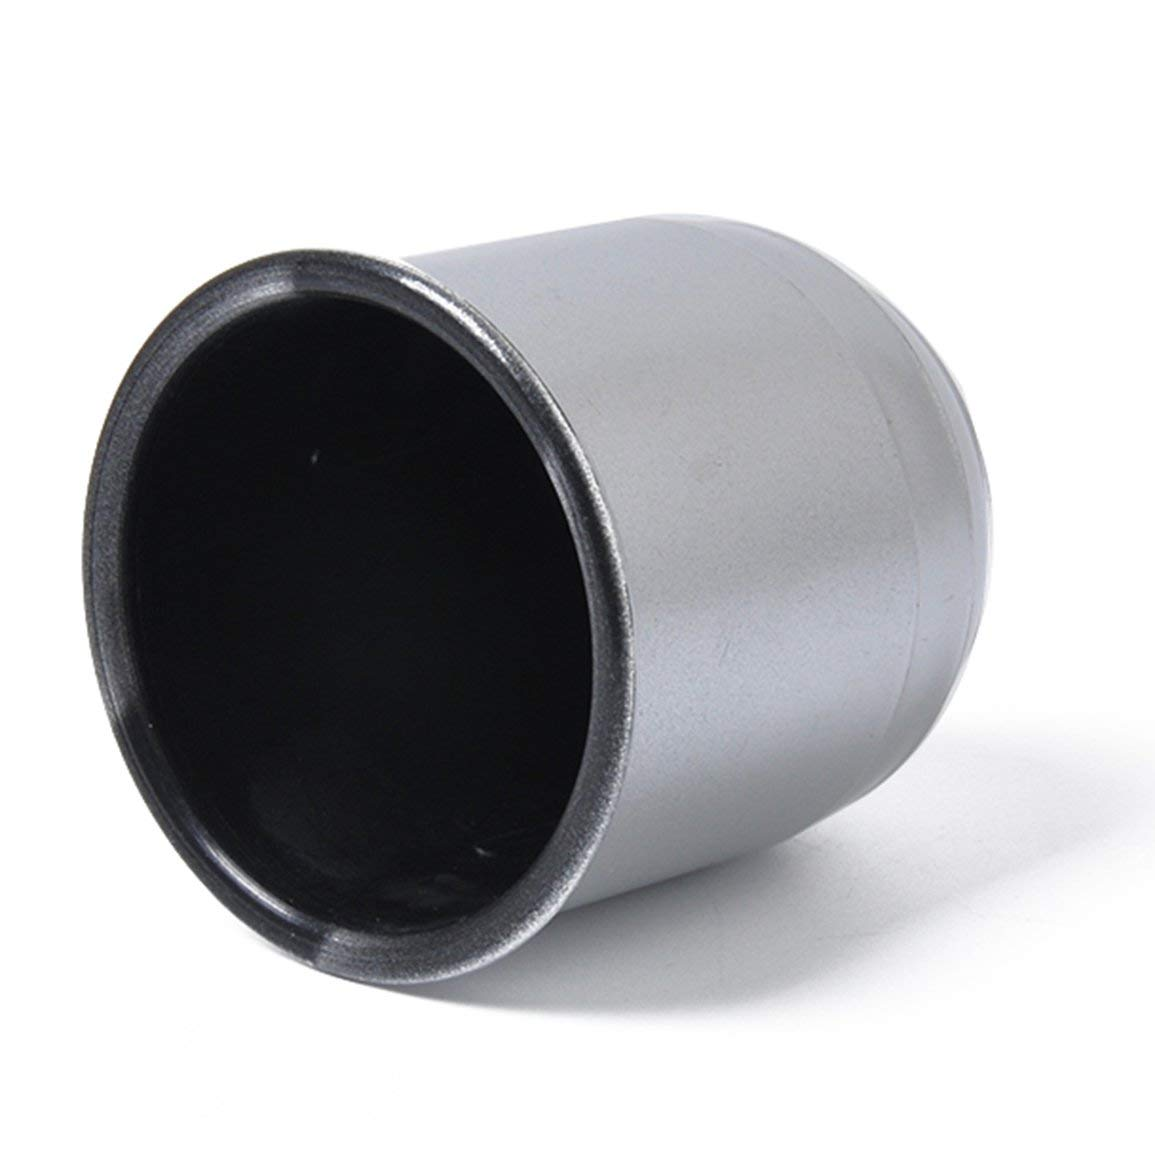 Couleur: Noir Garciaria Capuchon de remorquage pour attelage de remorque dattelage de remorque dattelage de remorque dattelage de remorque dattelage Universelle de 50 mm